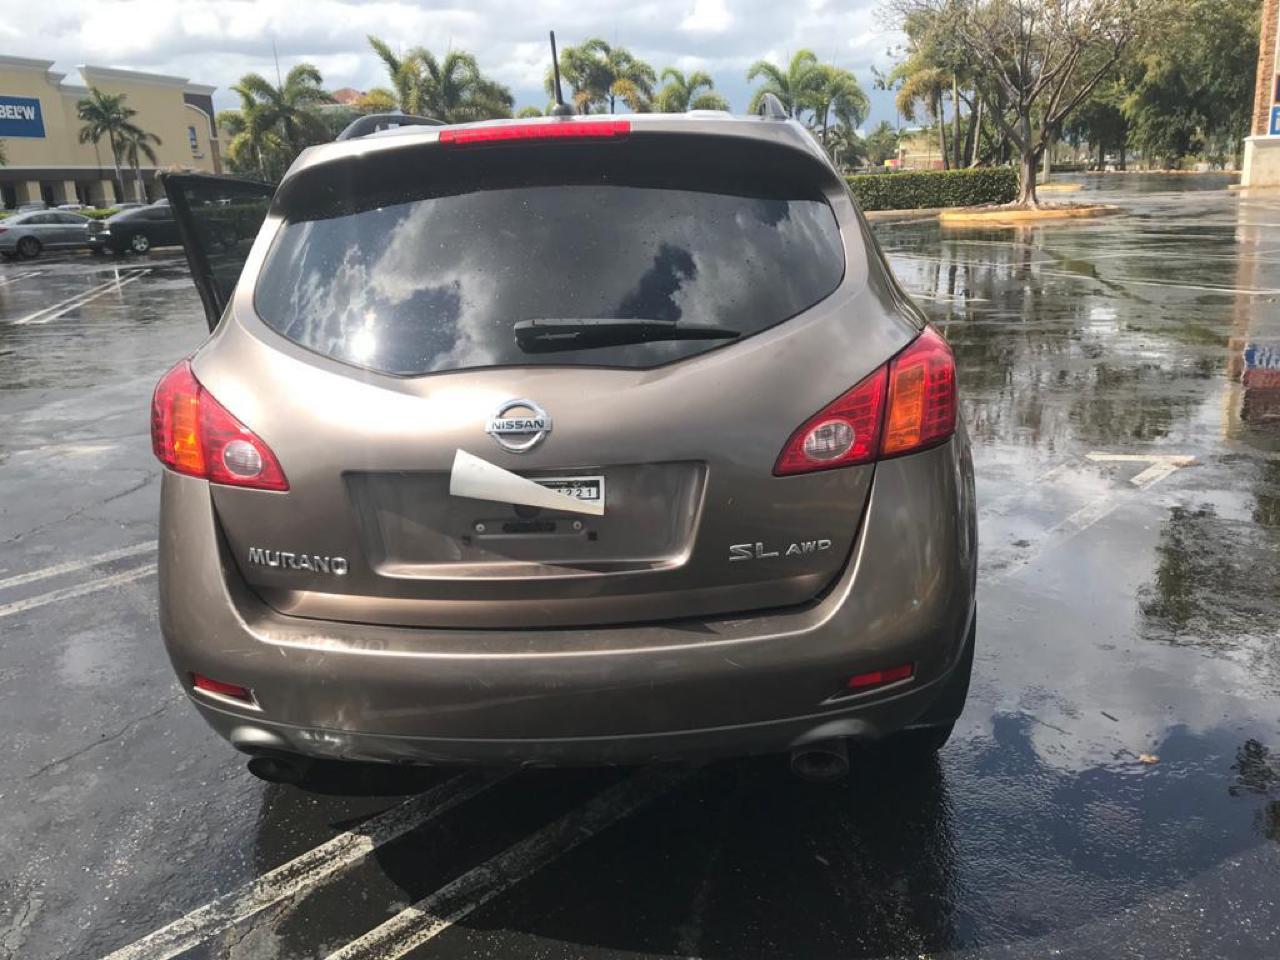 Nissan Murano S AWD 2009